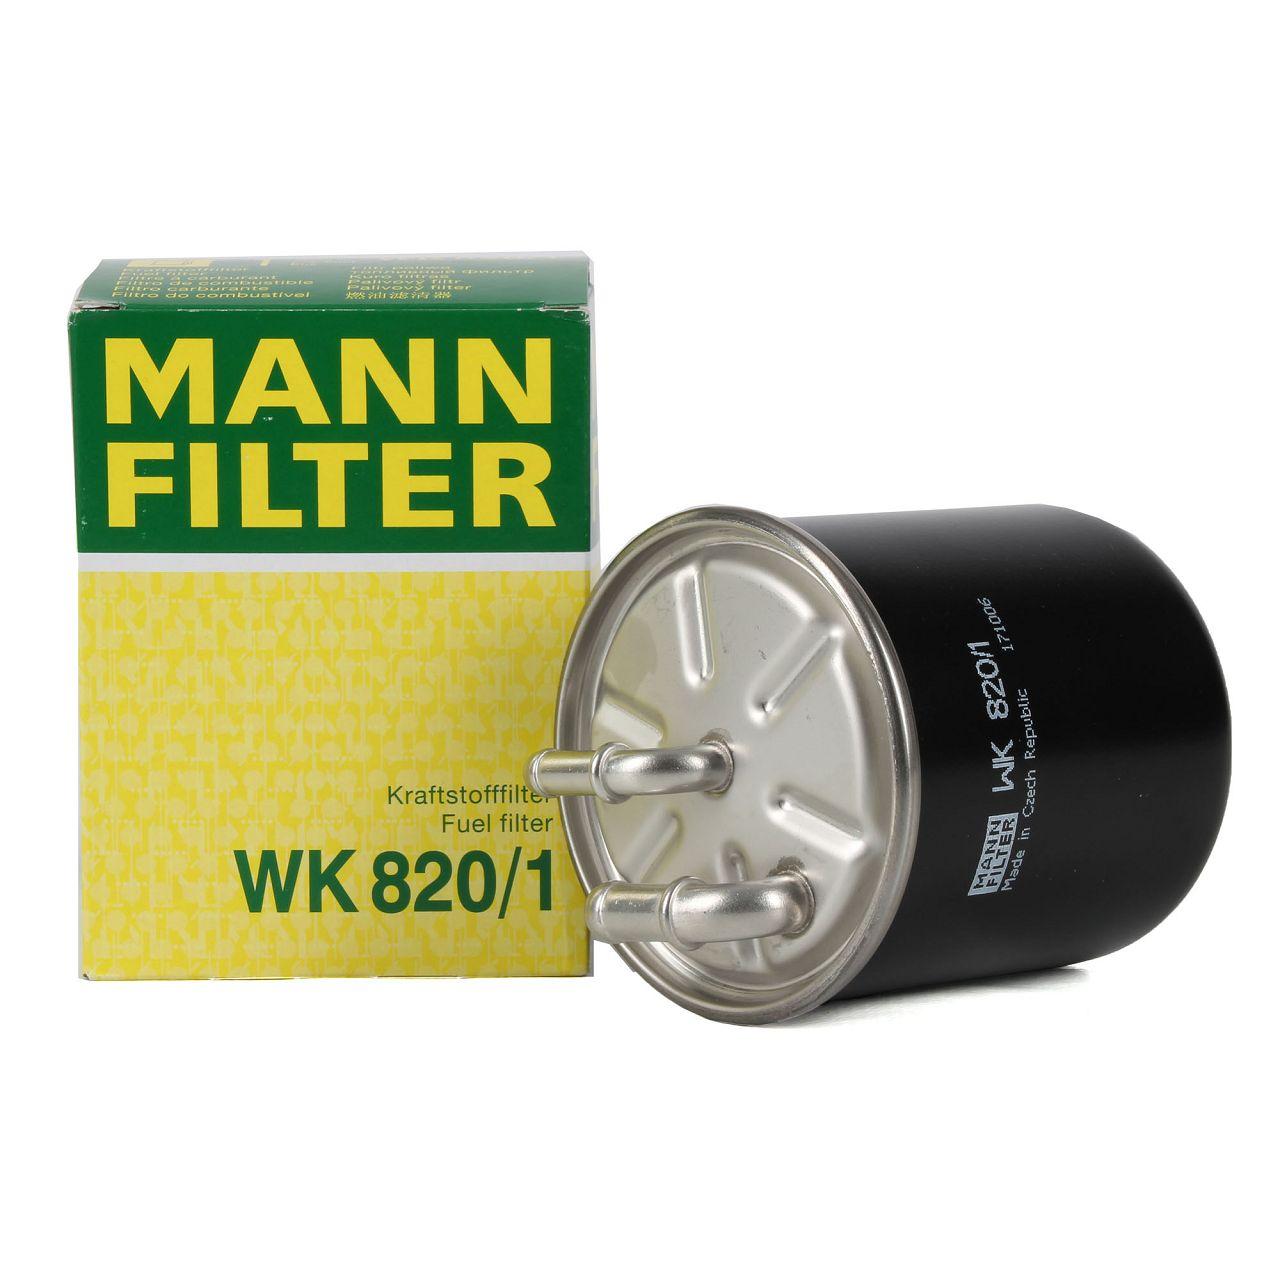 MANN Kraftstofffilter Dieselfilter WK820/1 für CHRYSLER MERCEDES-BENZ CDI